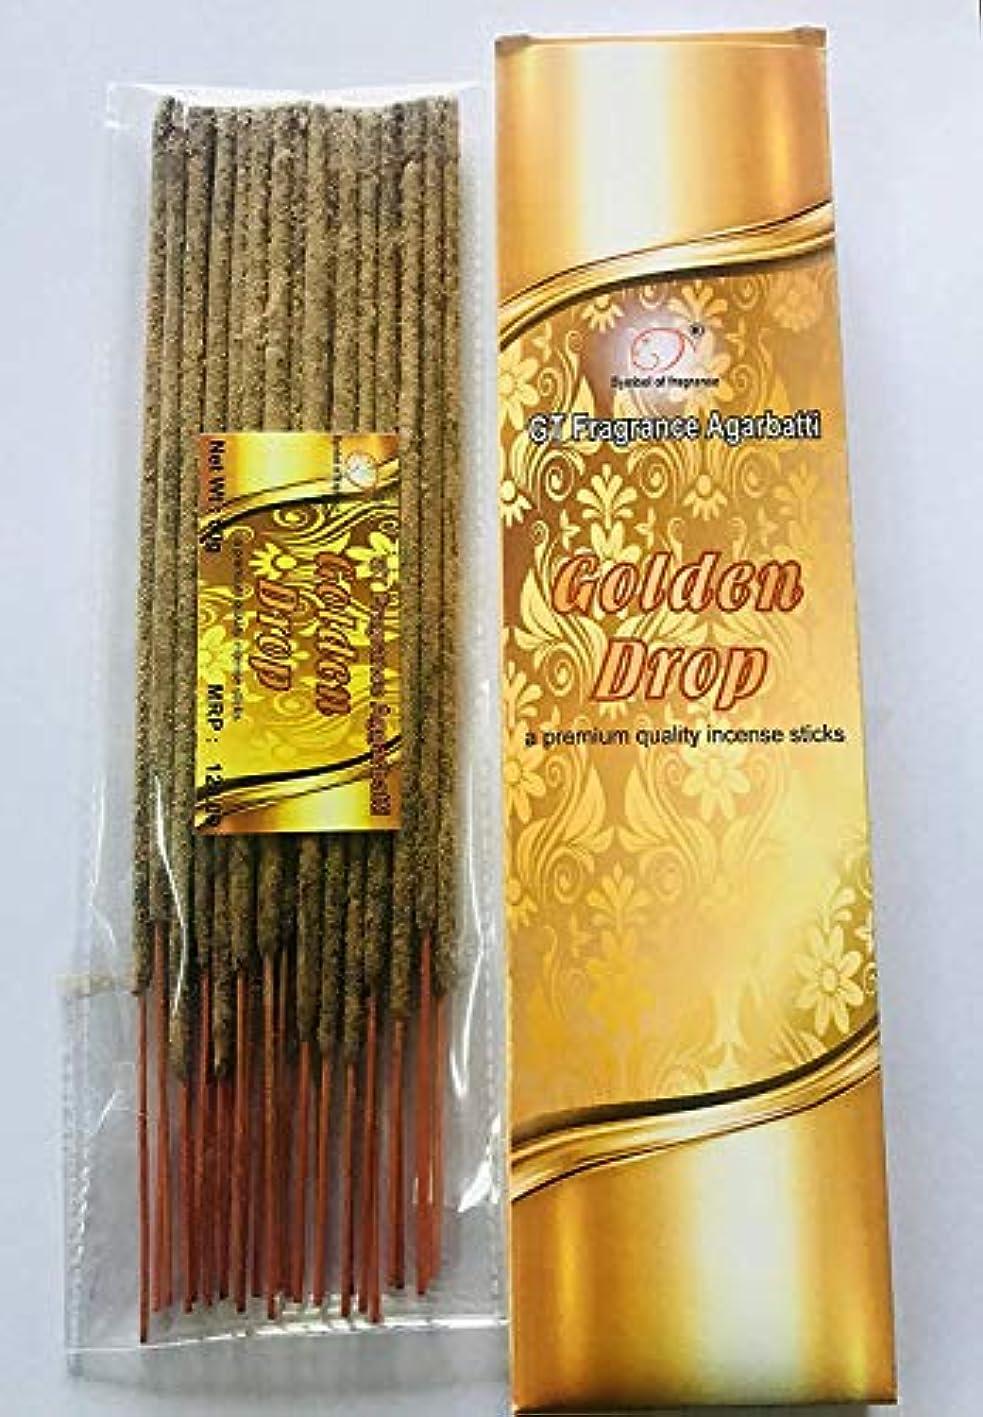 アンプにじみ出る休憩するGolden Drop. Bundle of 2 Packs, a Premium Quality Incense sticks-100g